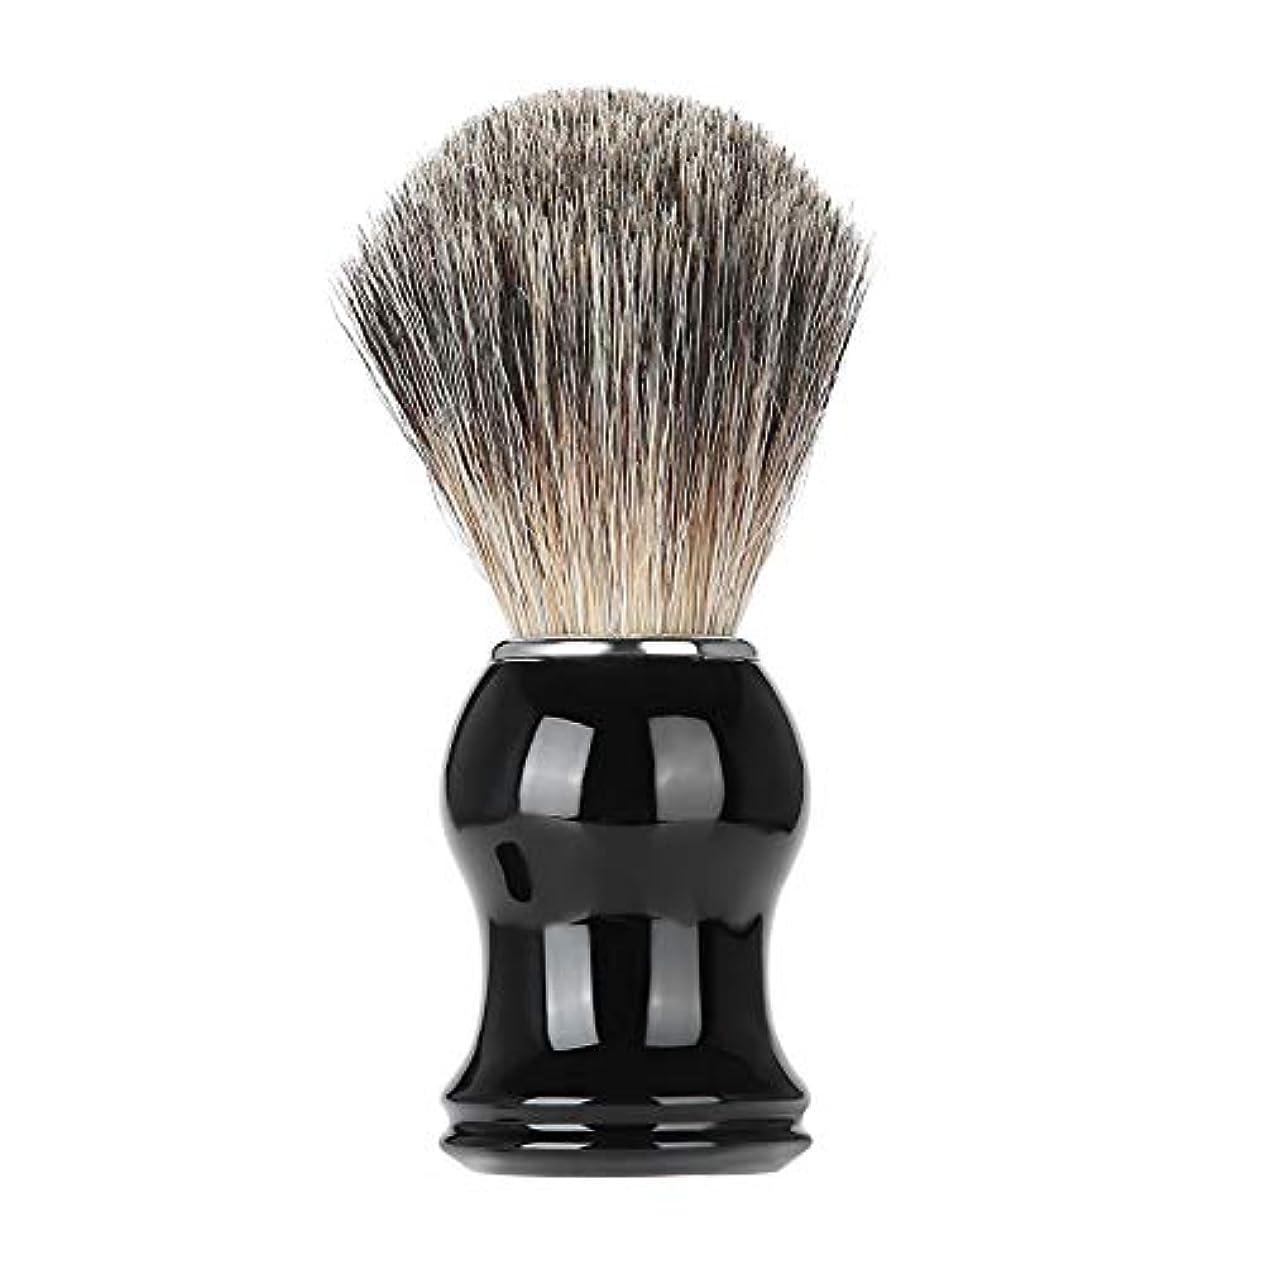 誘導割り当て果てしないシェービングブラシ男性髭口ひげ剃毛ブラシ樹脂ハンドル髭剃りツール